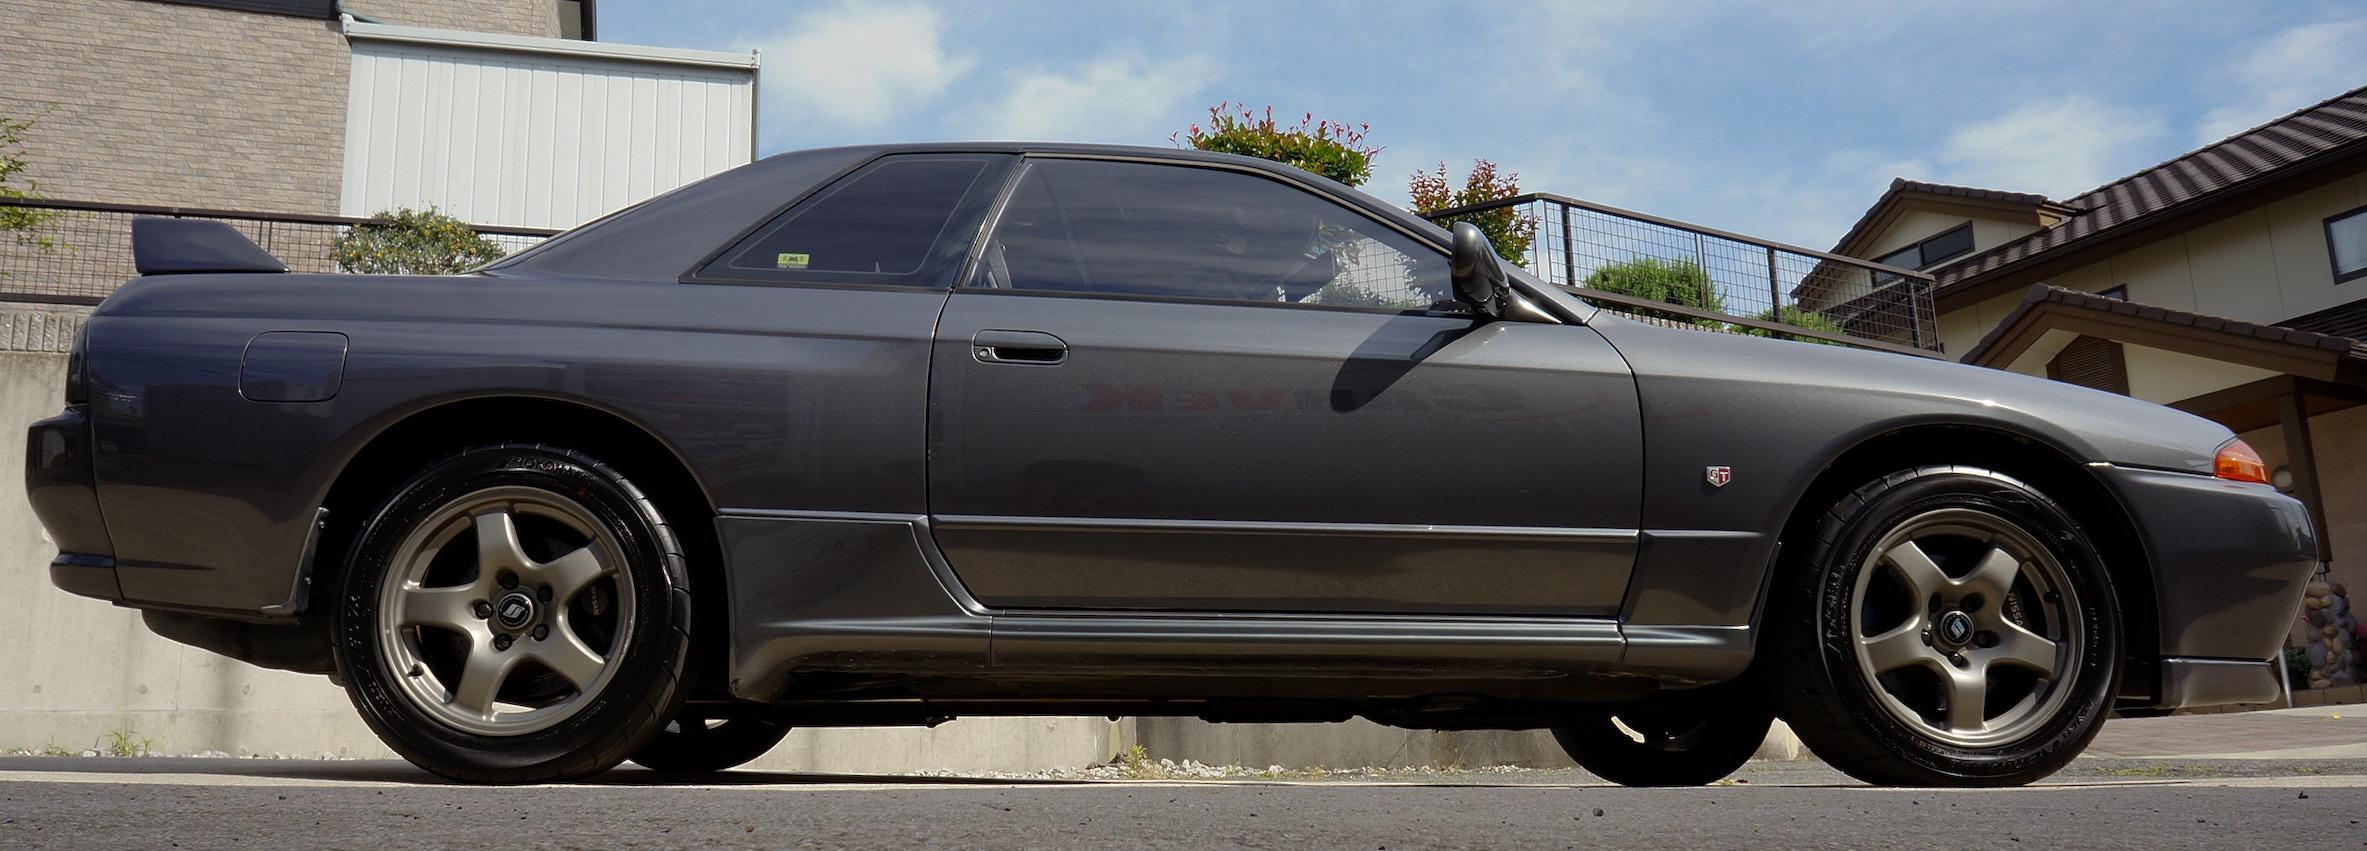 Black Shield Imports - US JDM Vehicle Importers